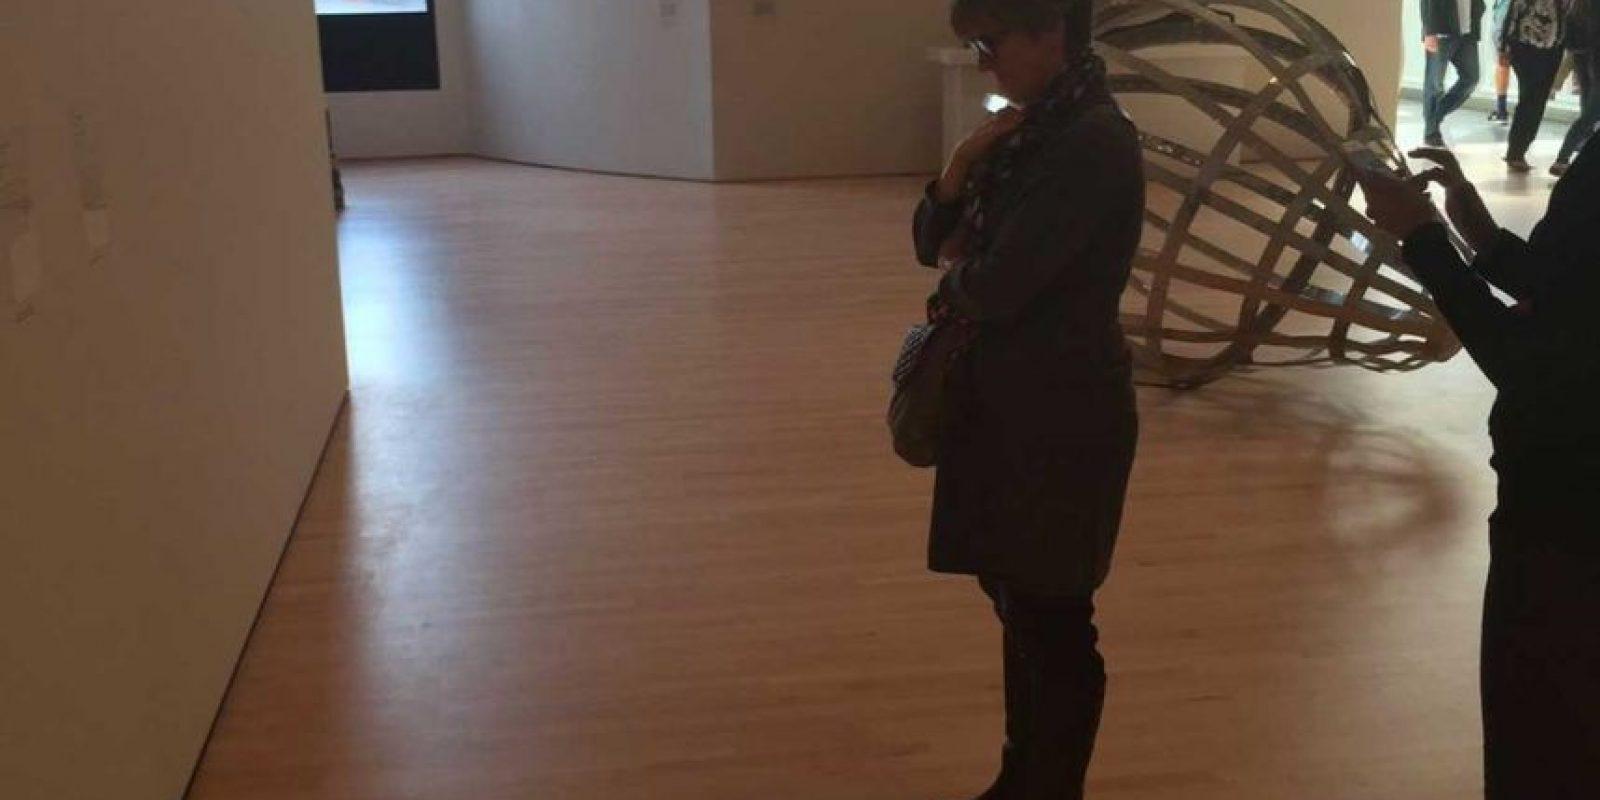 """La gente comenzó a acercarse para contemplar la """"exhibición"""" Foto:Twitter @TJCruda"""